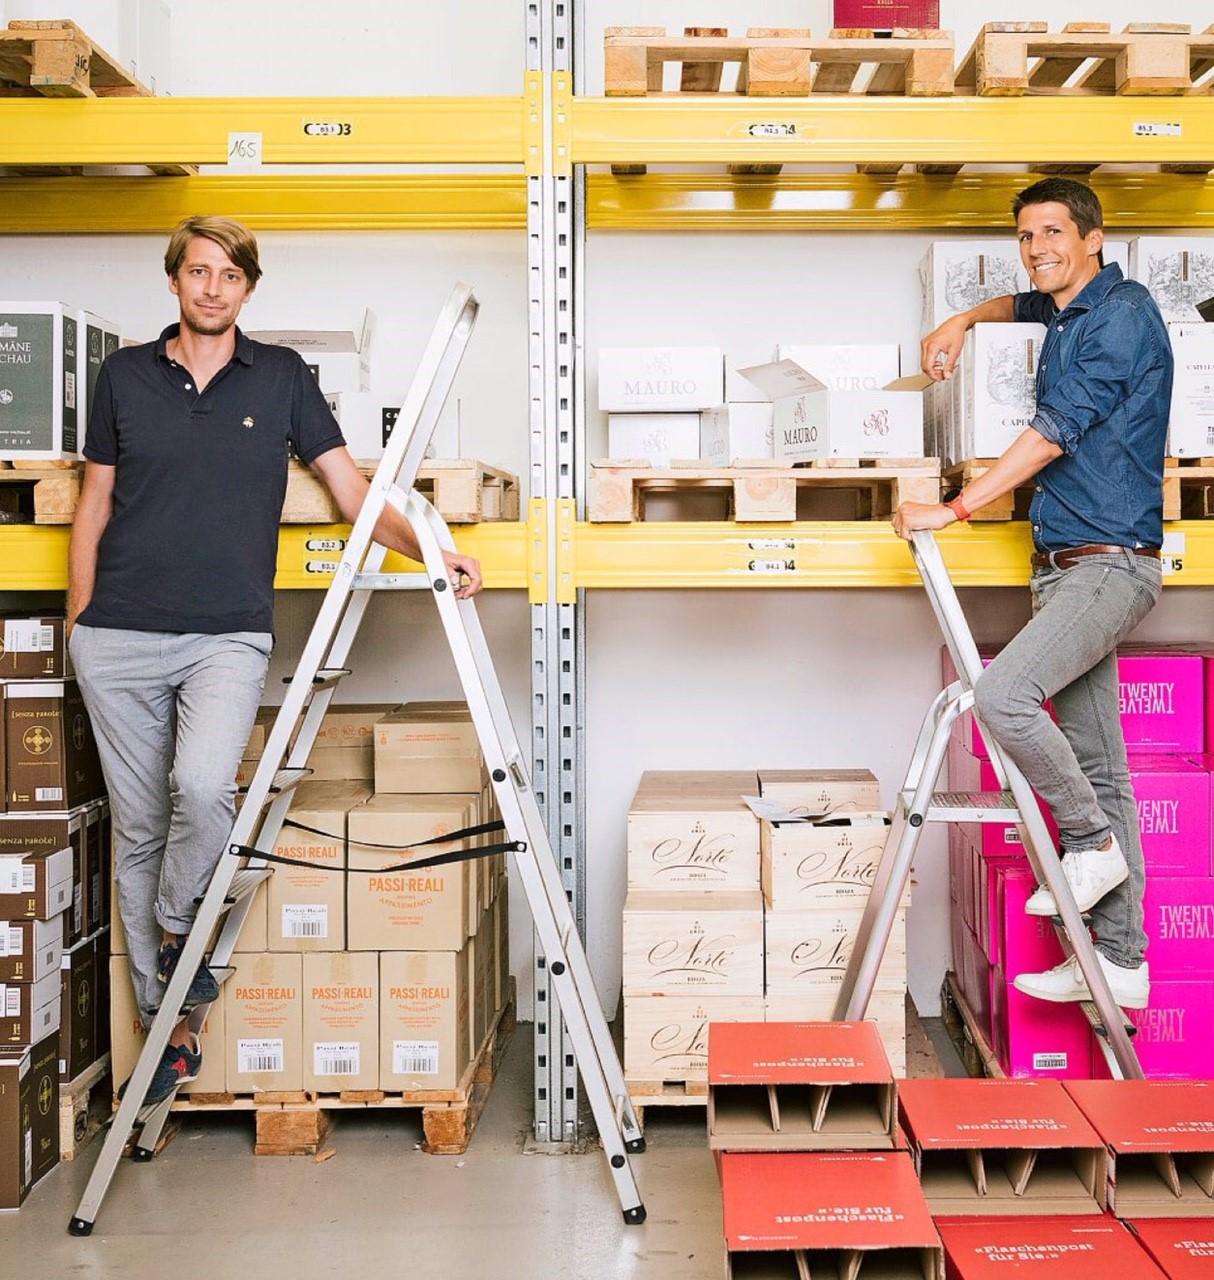 Flaschenpost Gründer Dominic Blaesi und Renzo Schweri - Quelle: SonntagsZeitung Samuel Schalch